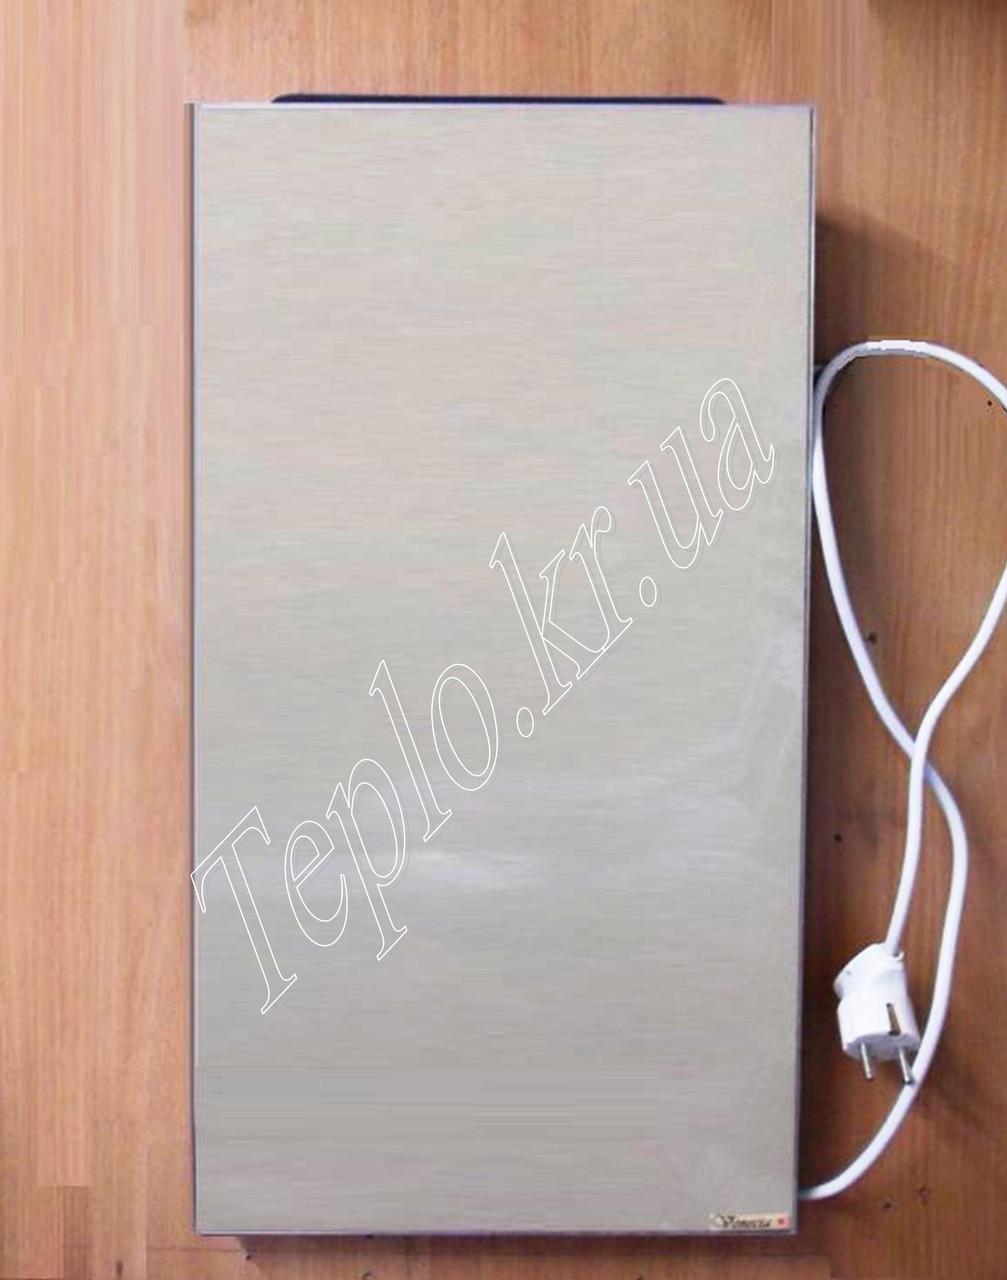 ПКИ 250w 30х60см горизонтал\вертикальная Панель енергосберегающая керамическая инфракрасная